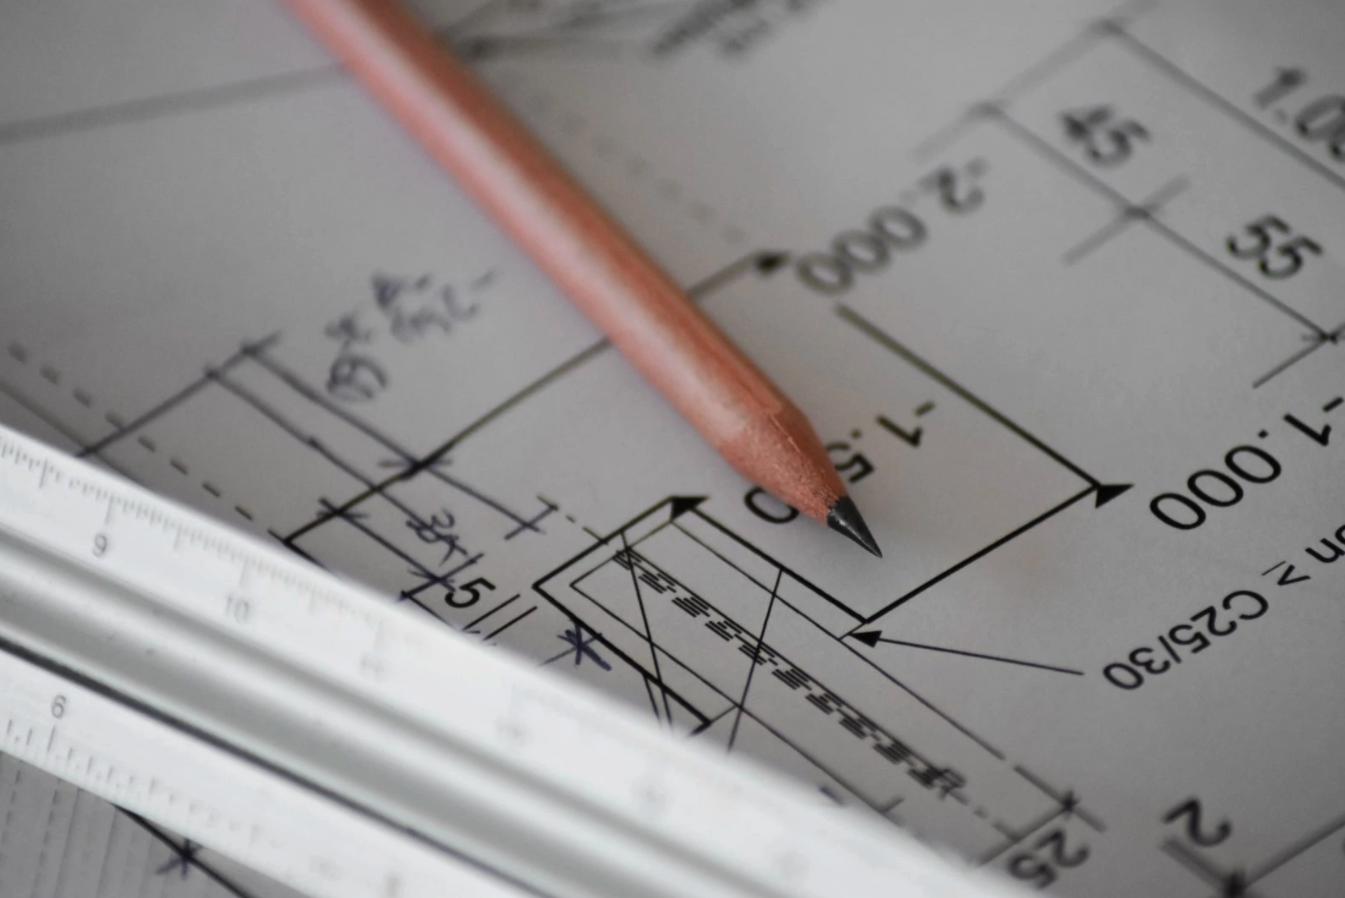 Tekeningen Keuken Op Maat Laten Maken Door Interieurbouwers Berkel en Rodenrijs